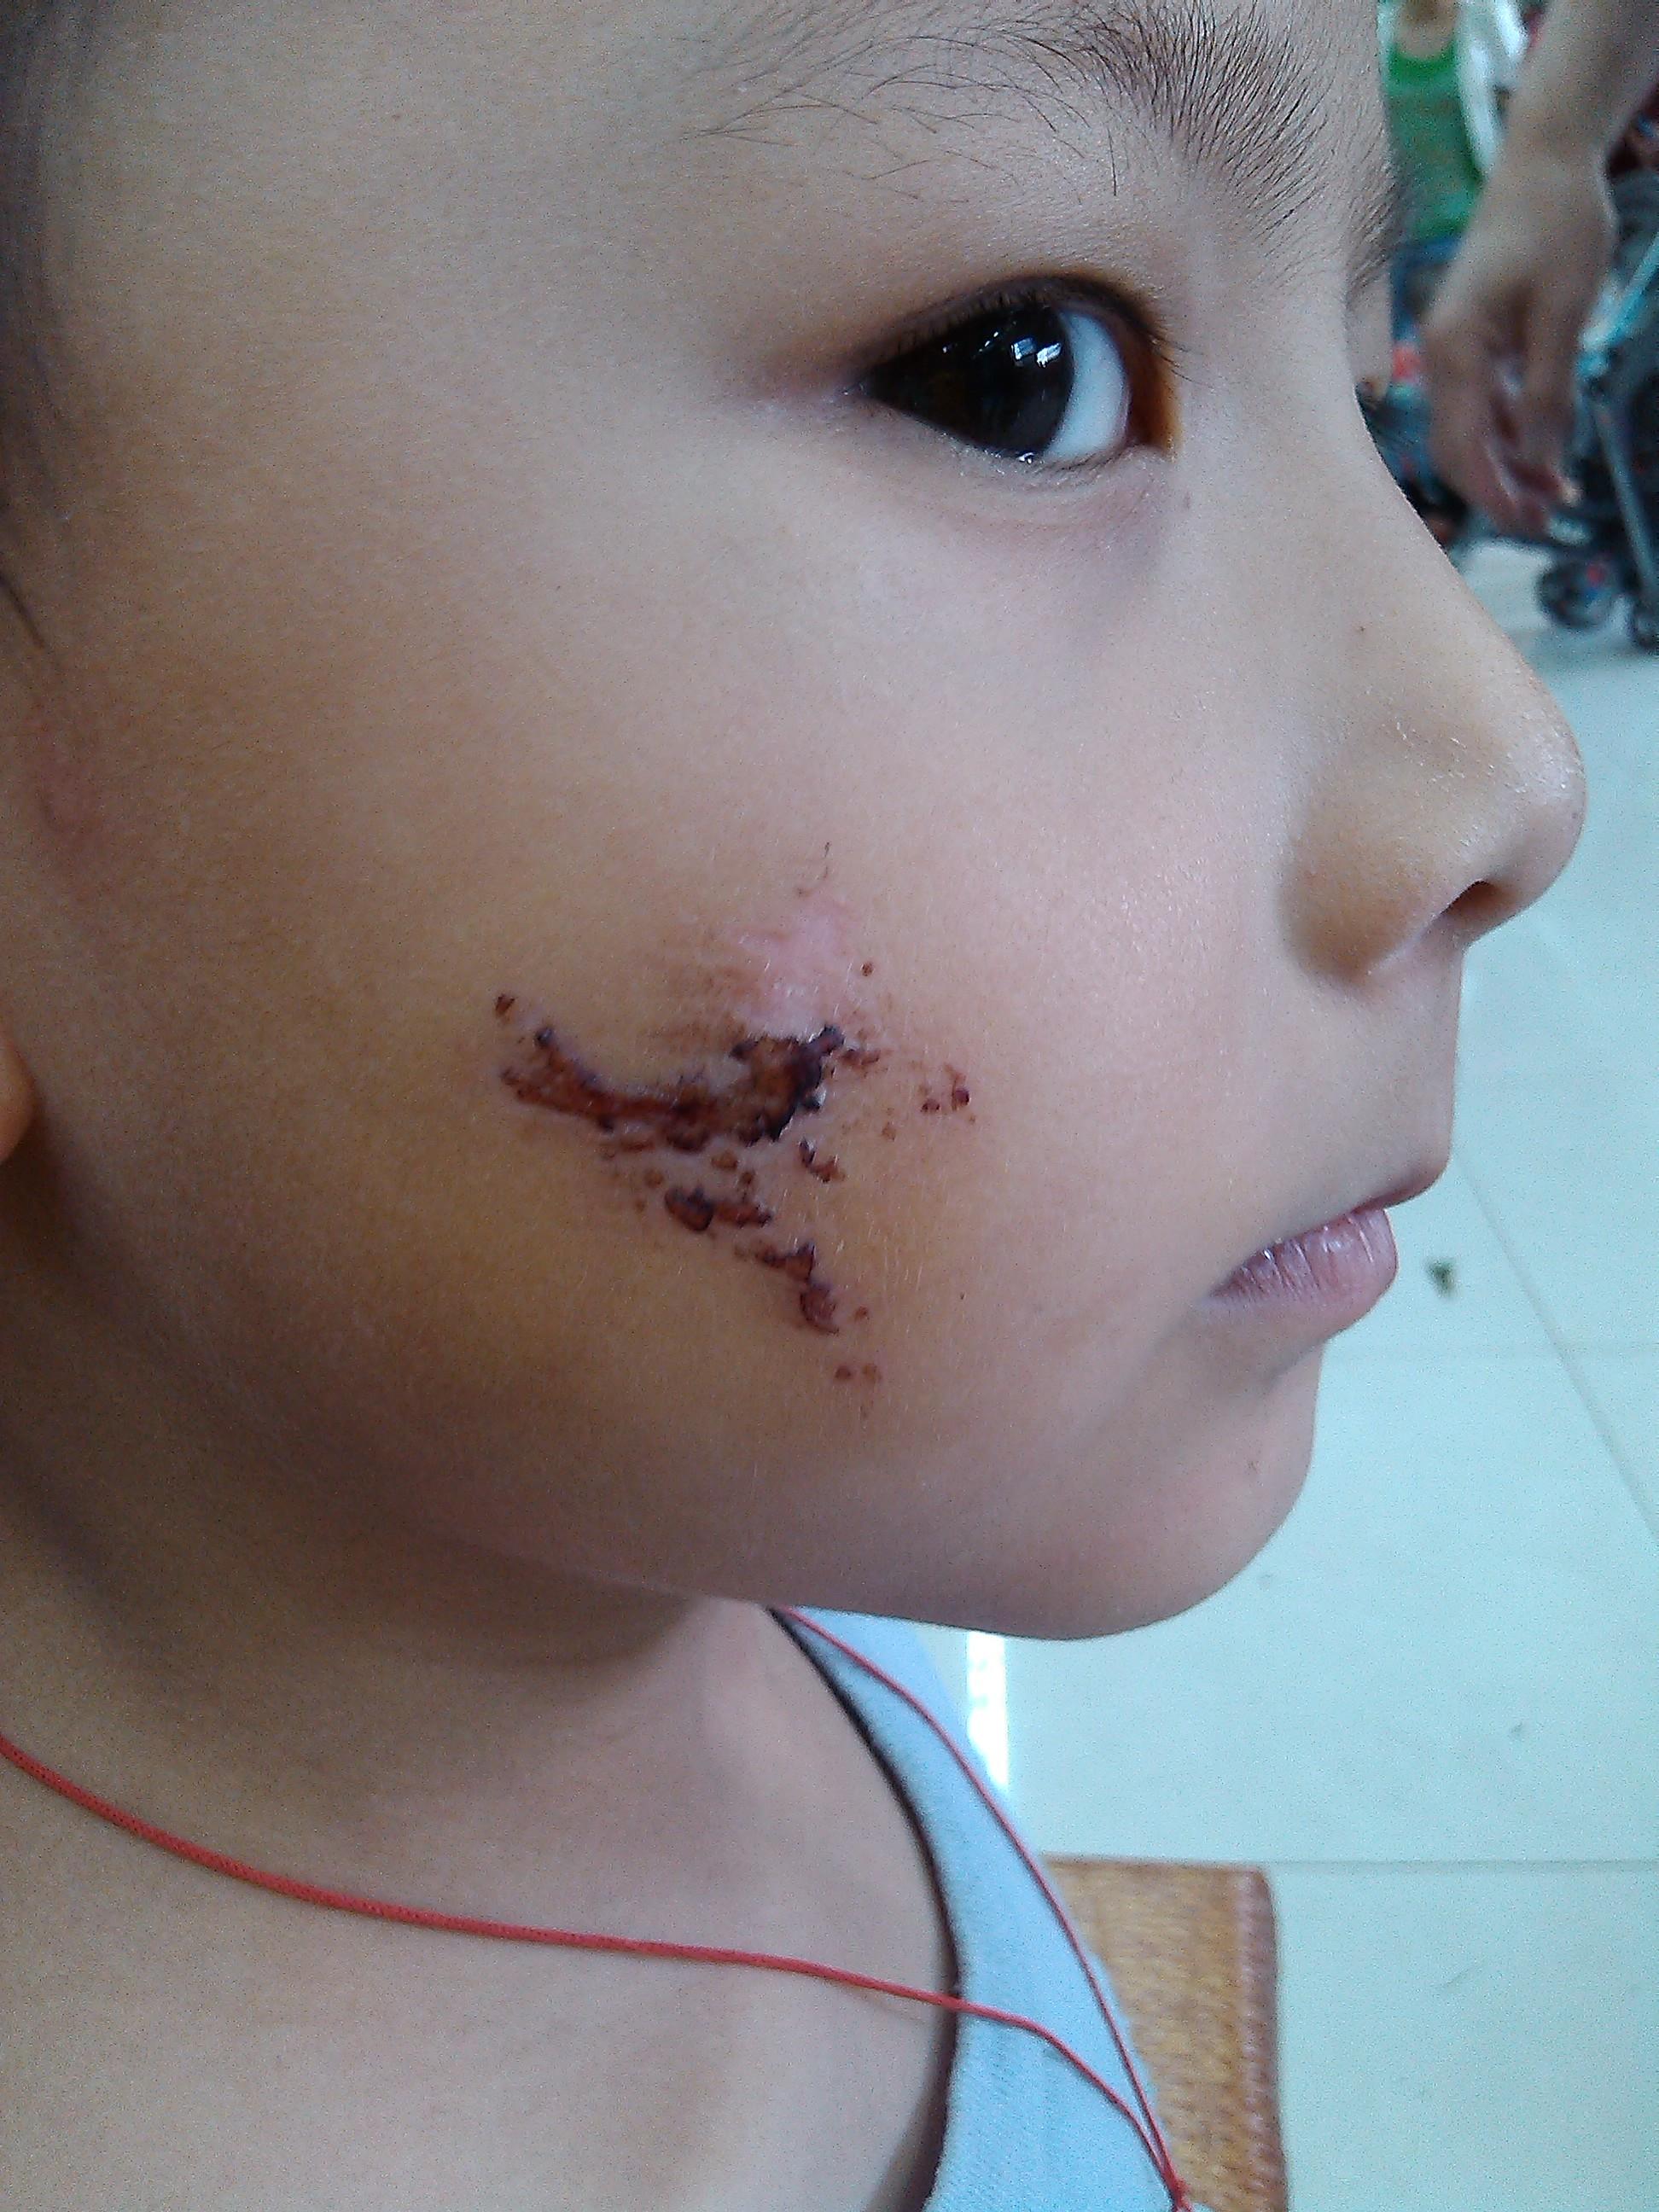 但是脸上有比较深的疤痕